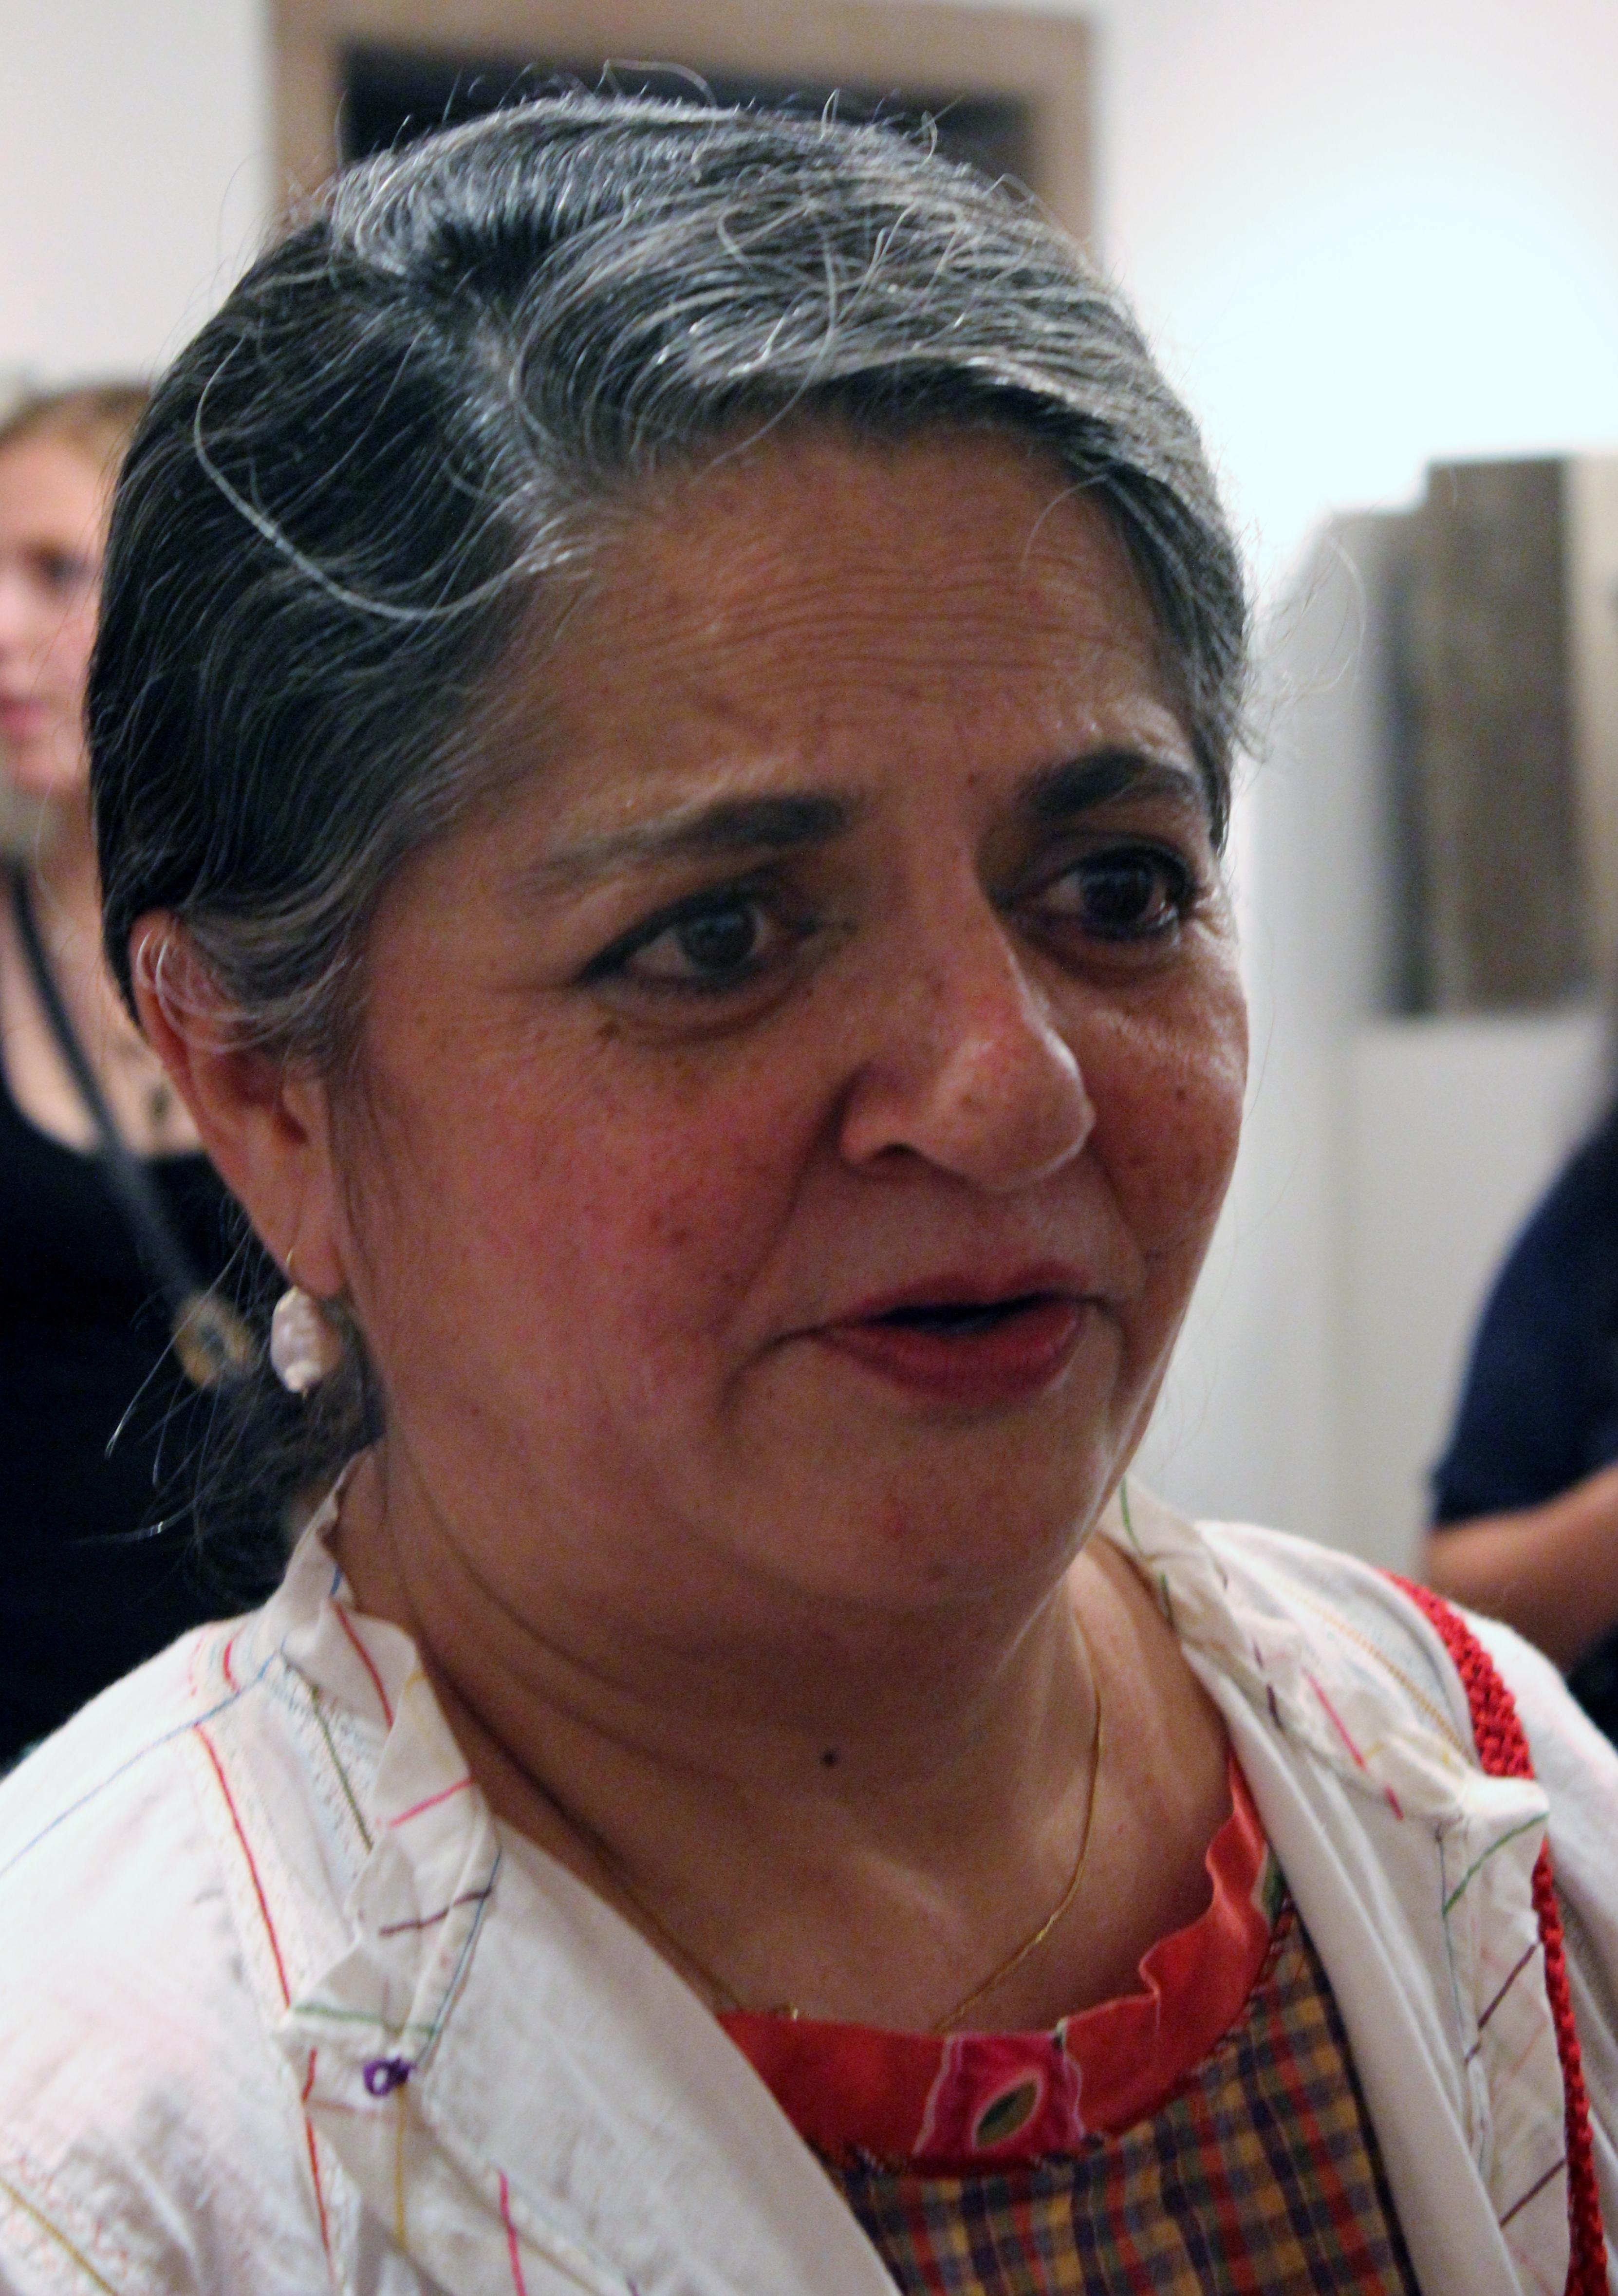 Image of Dayanita Singh from Wikidata